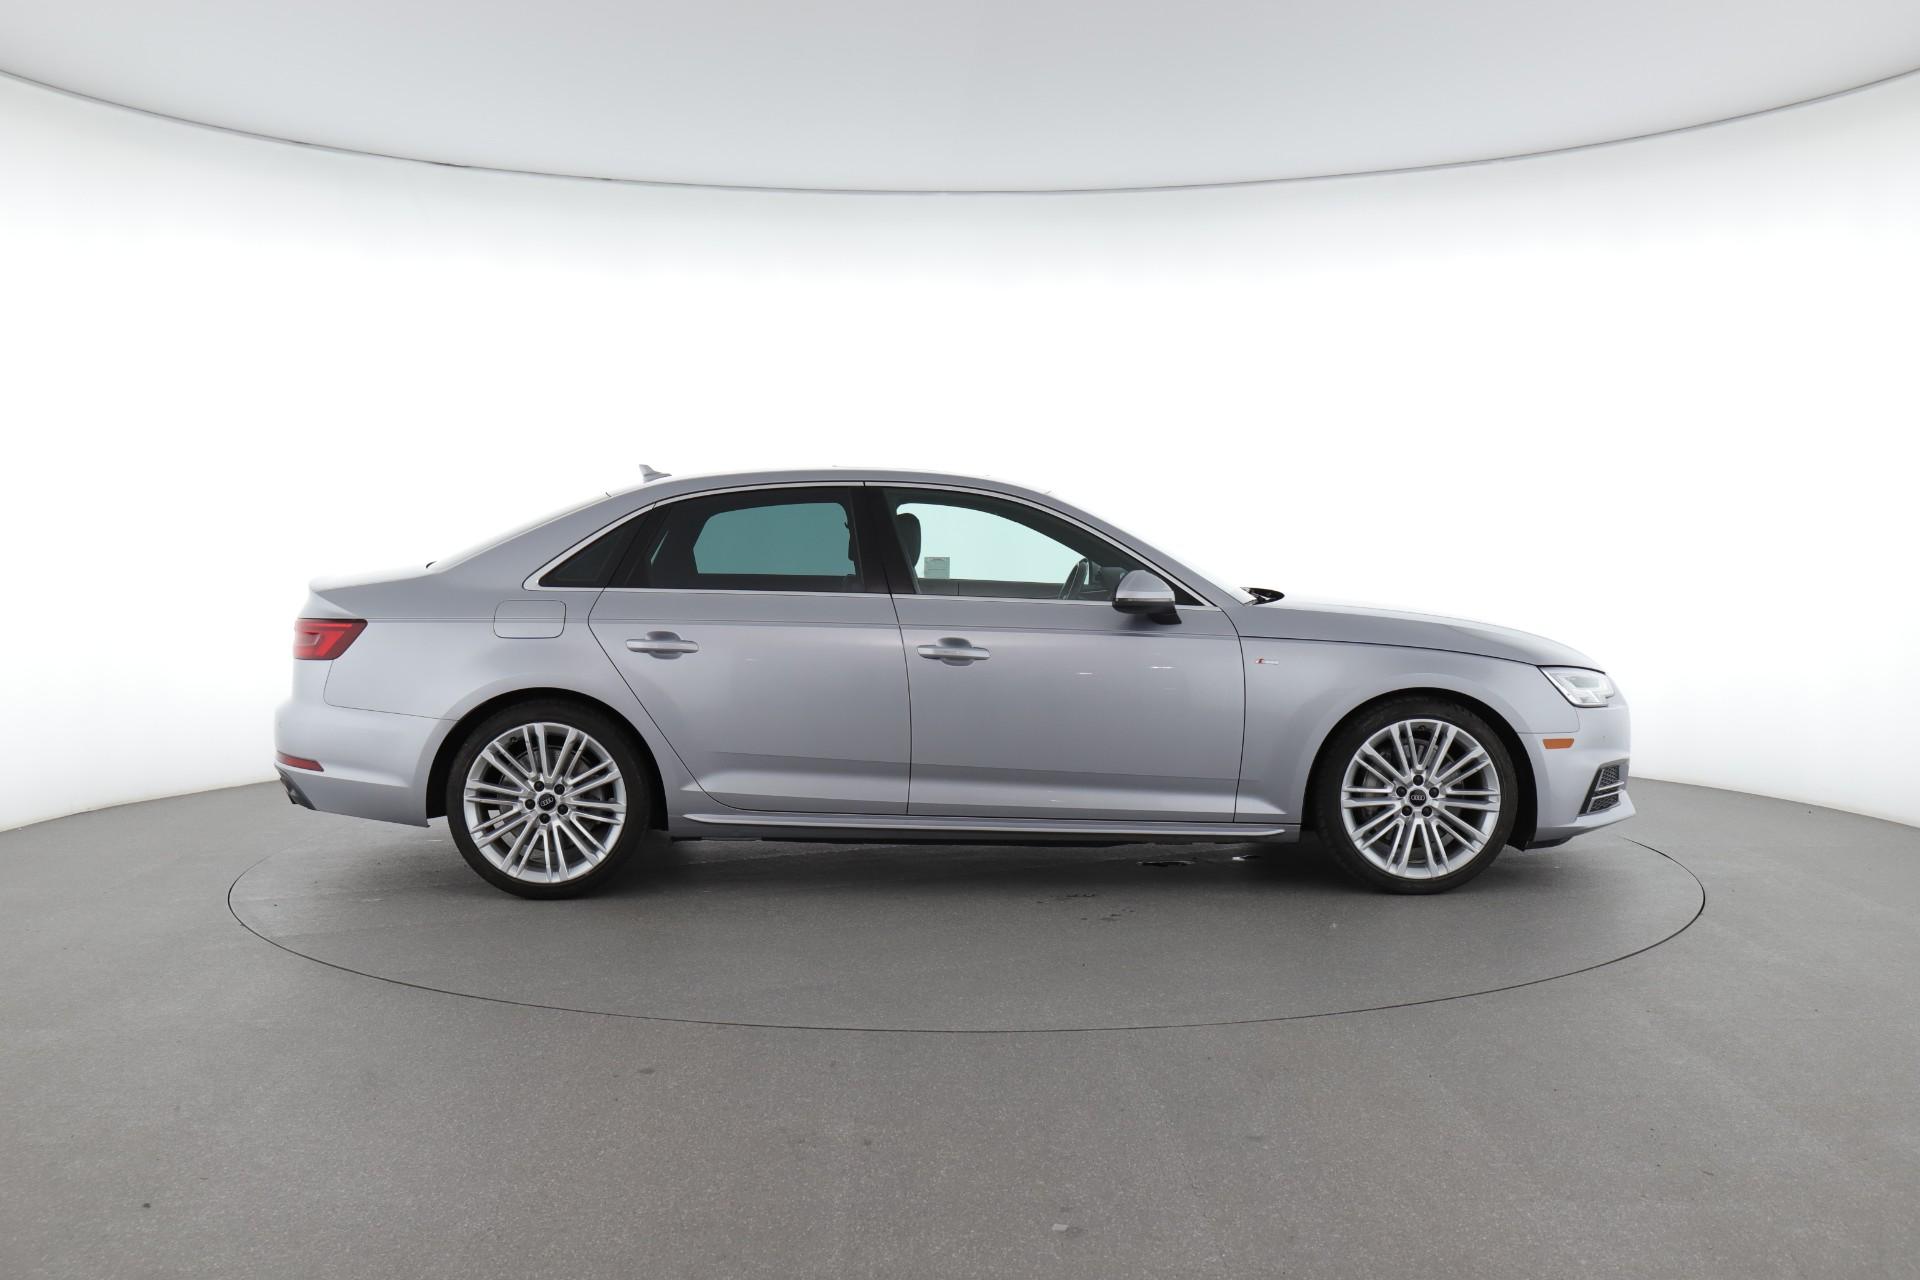 2018 Audi A4 Premium Plus (from $26,900)